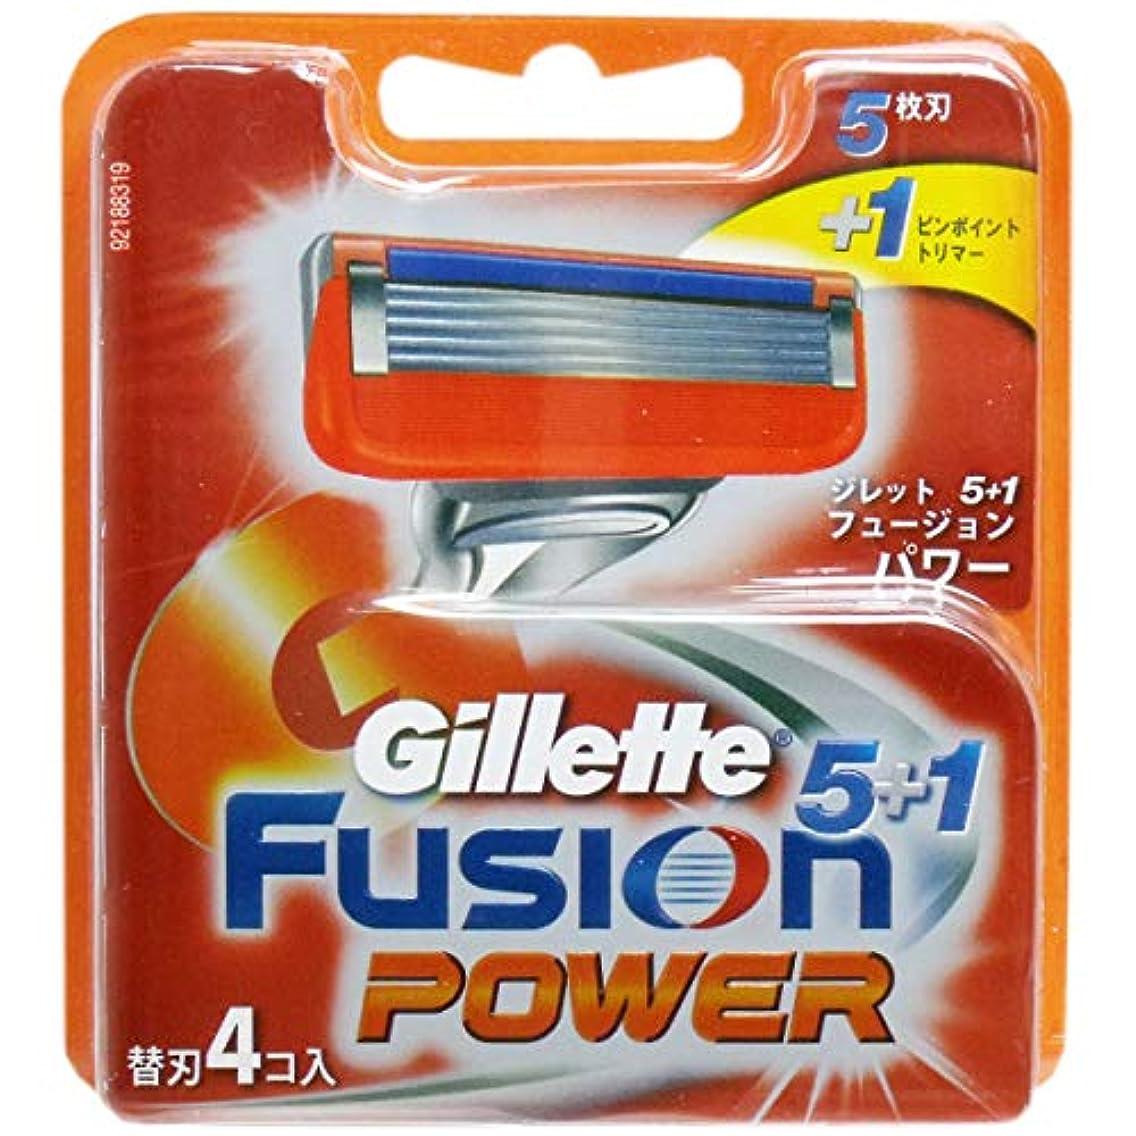 ジレット フュージョン5+1 パワー 替刃 4個入×2個セット